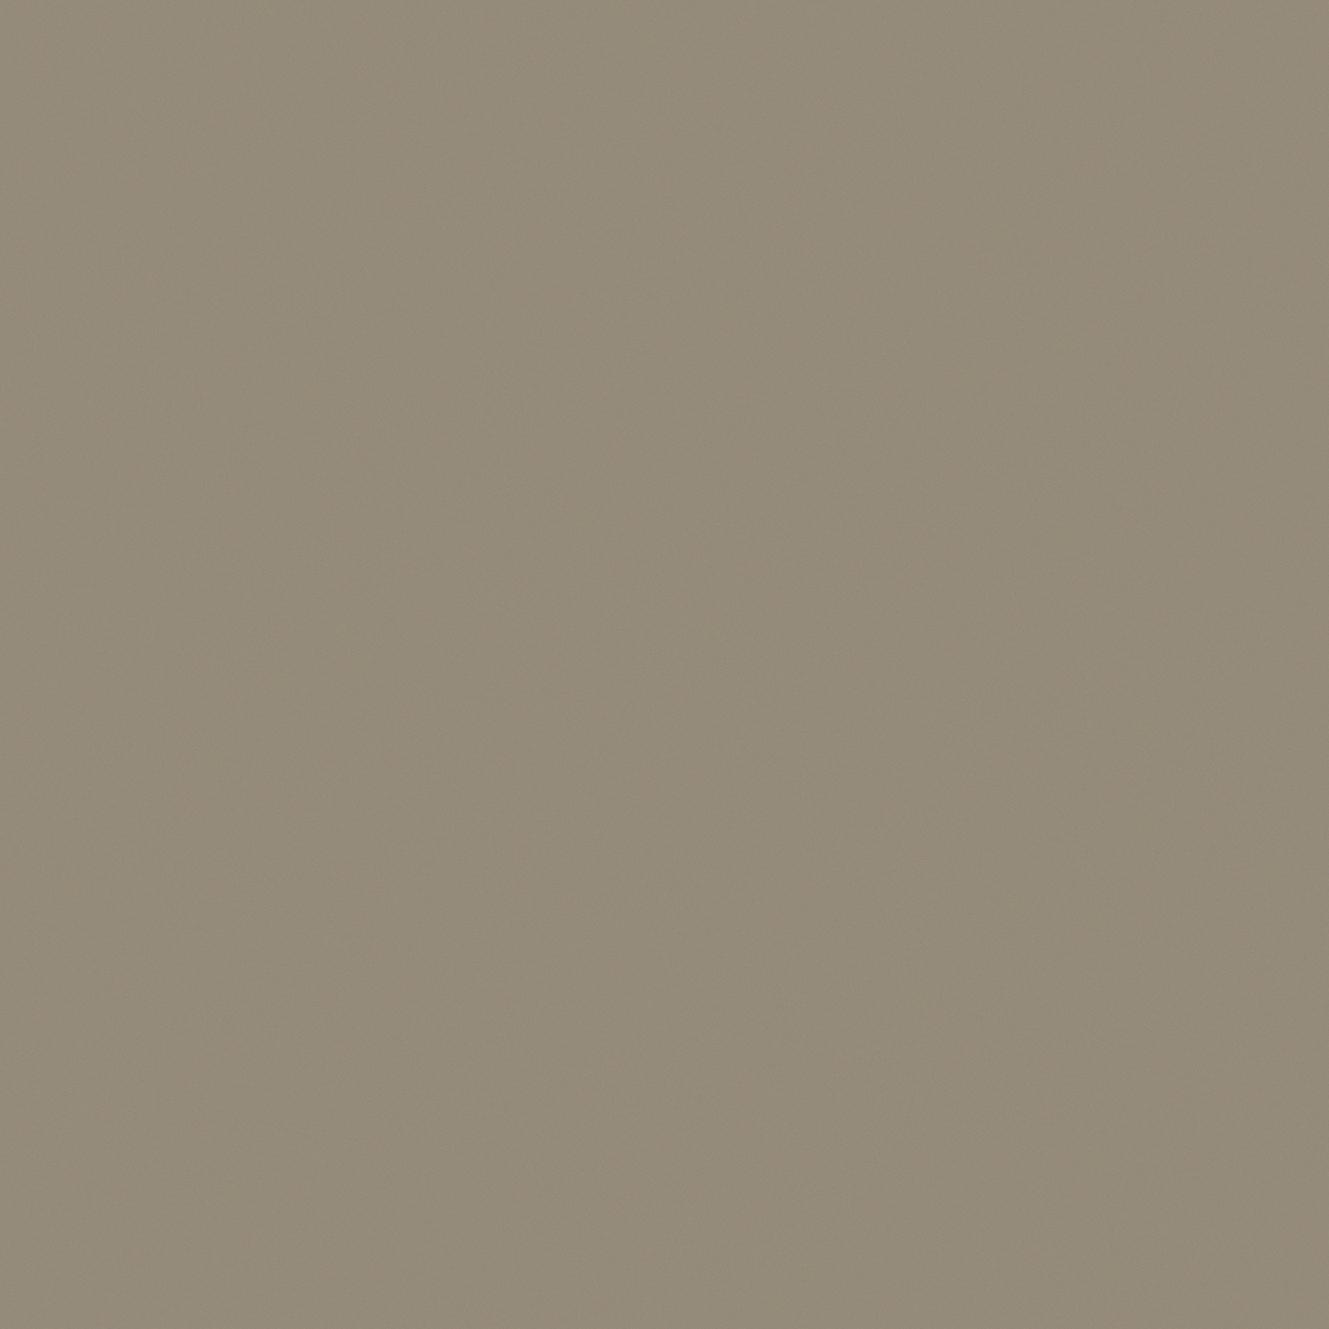 (617) Basalt Grau Nachbildung